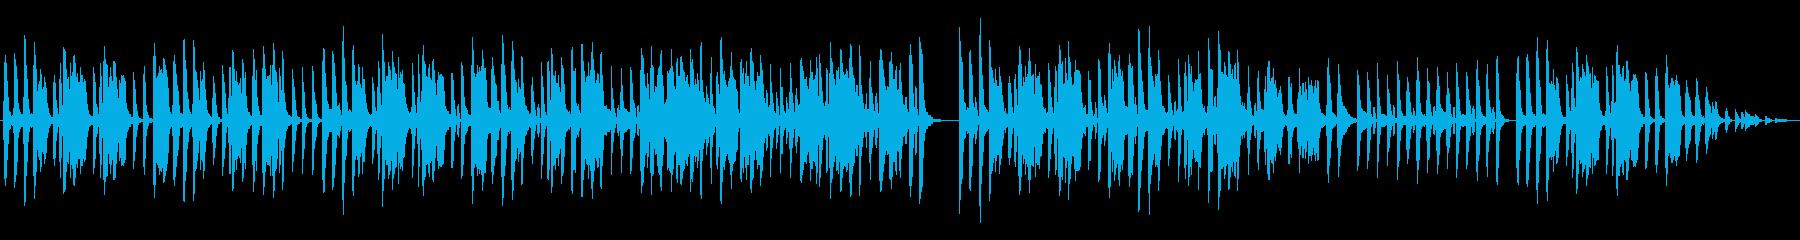 散歩に行きたい口笛曲の再生済みの波形